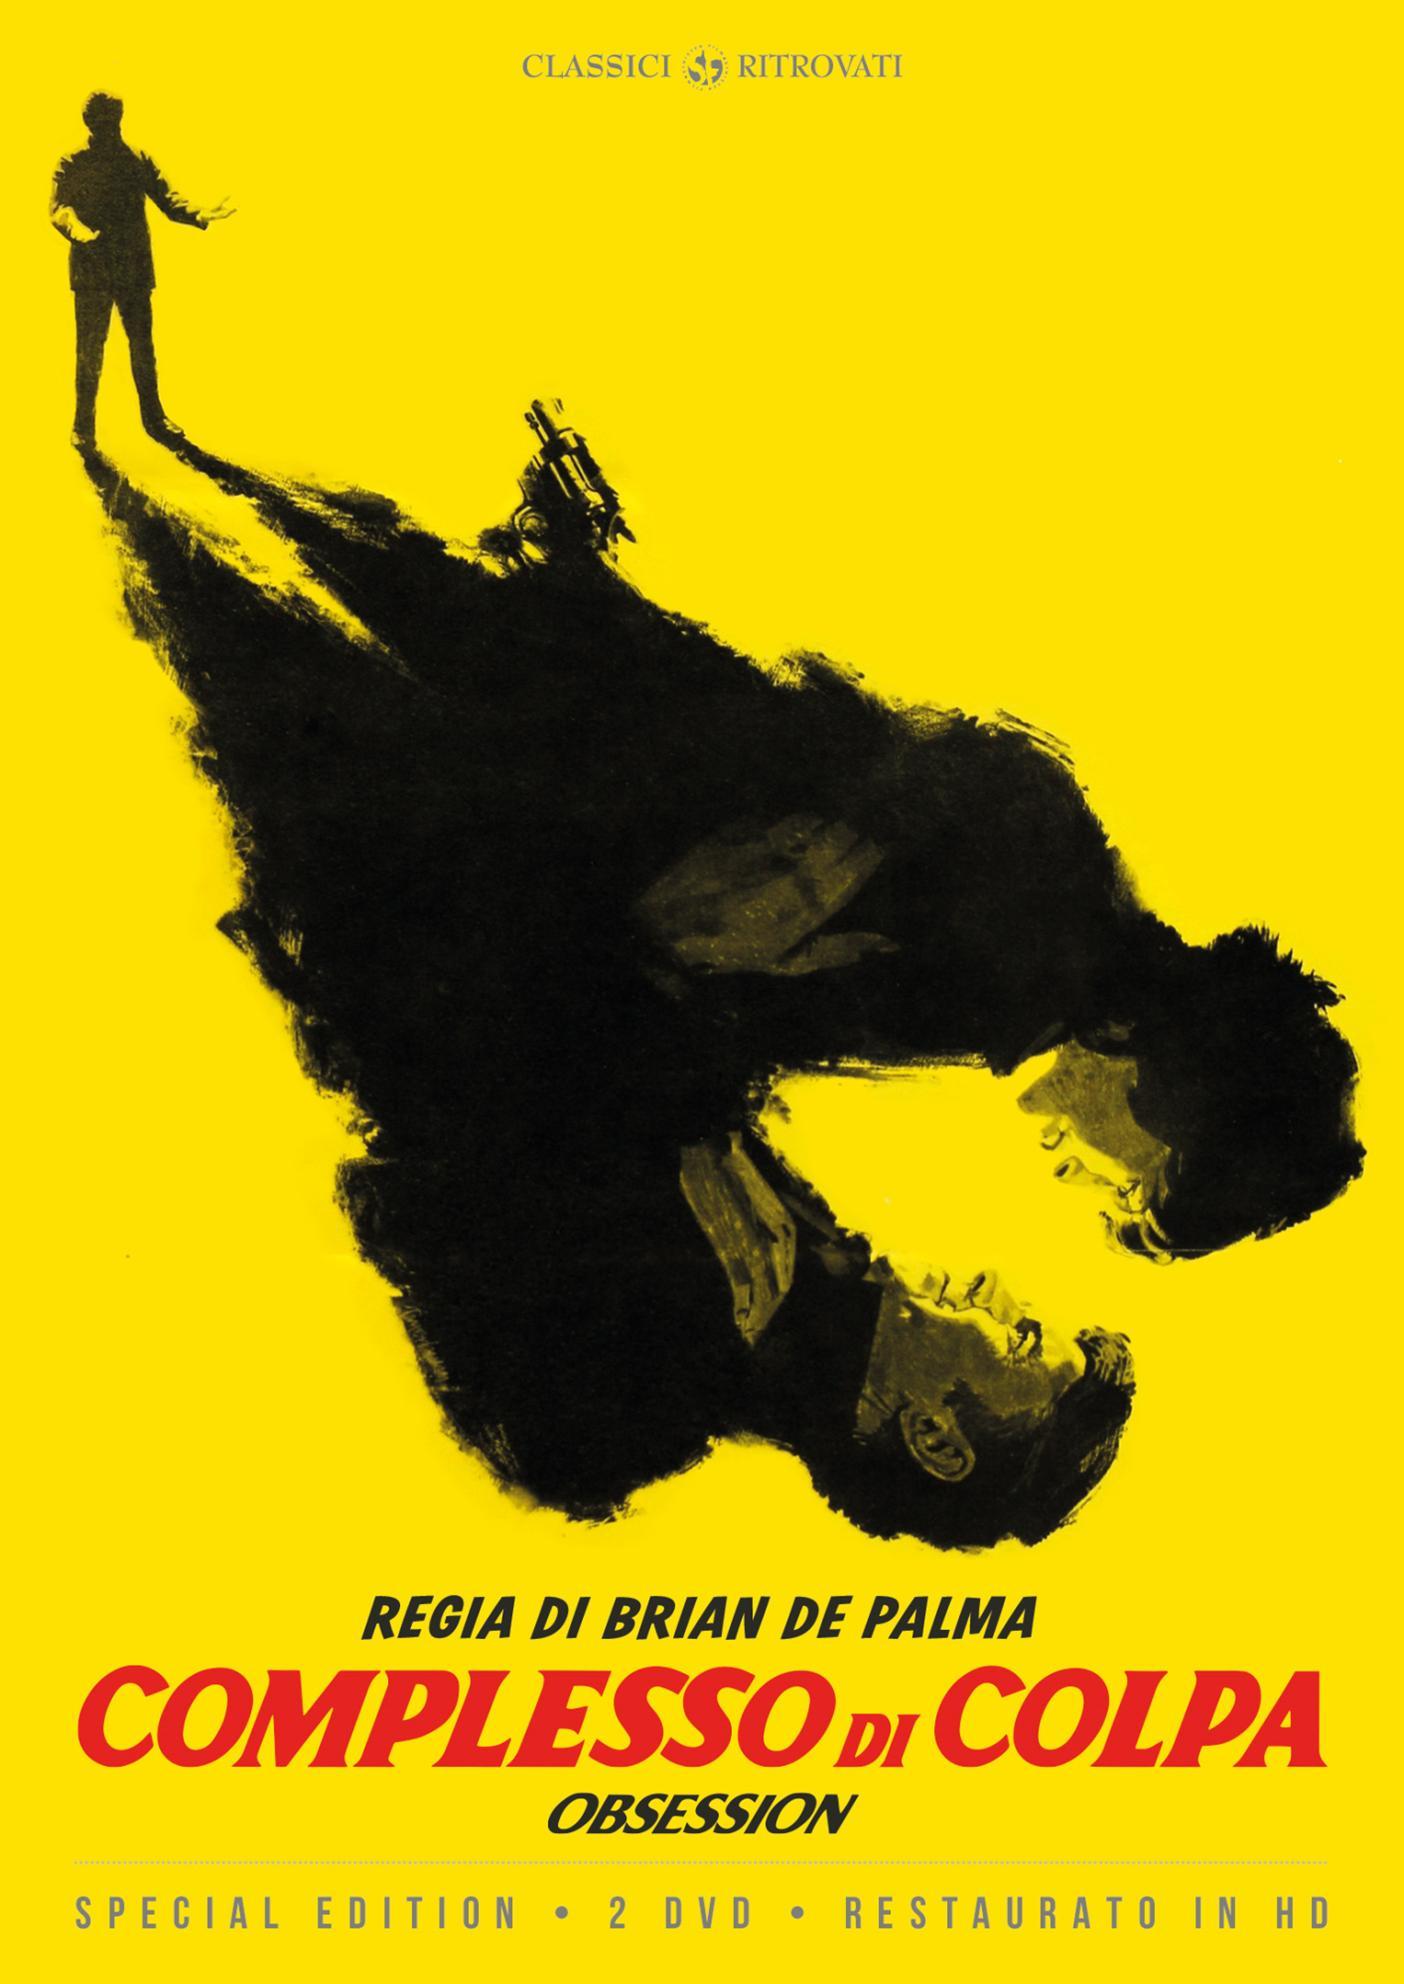 COMPLESSO DI COLPA - OBSESSION (RESTAURATO IN HD) (SPECIAL EDITI